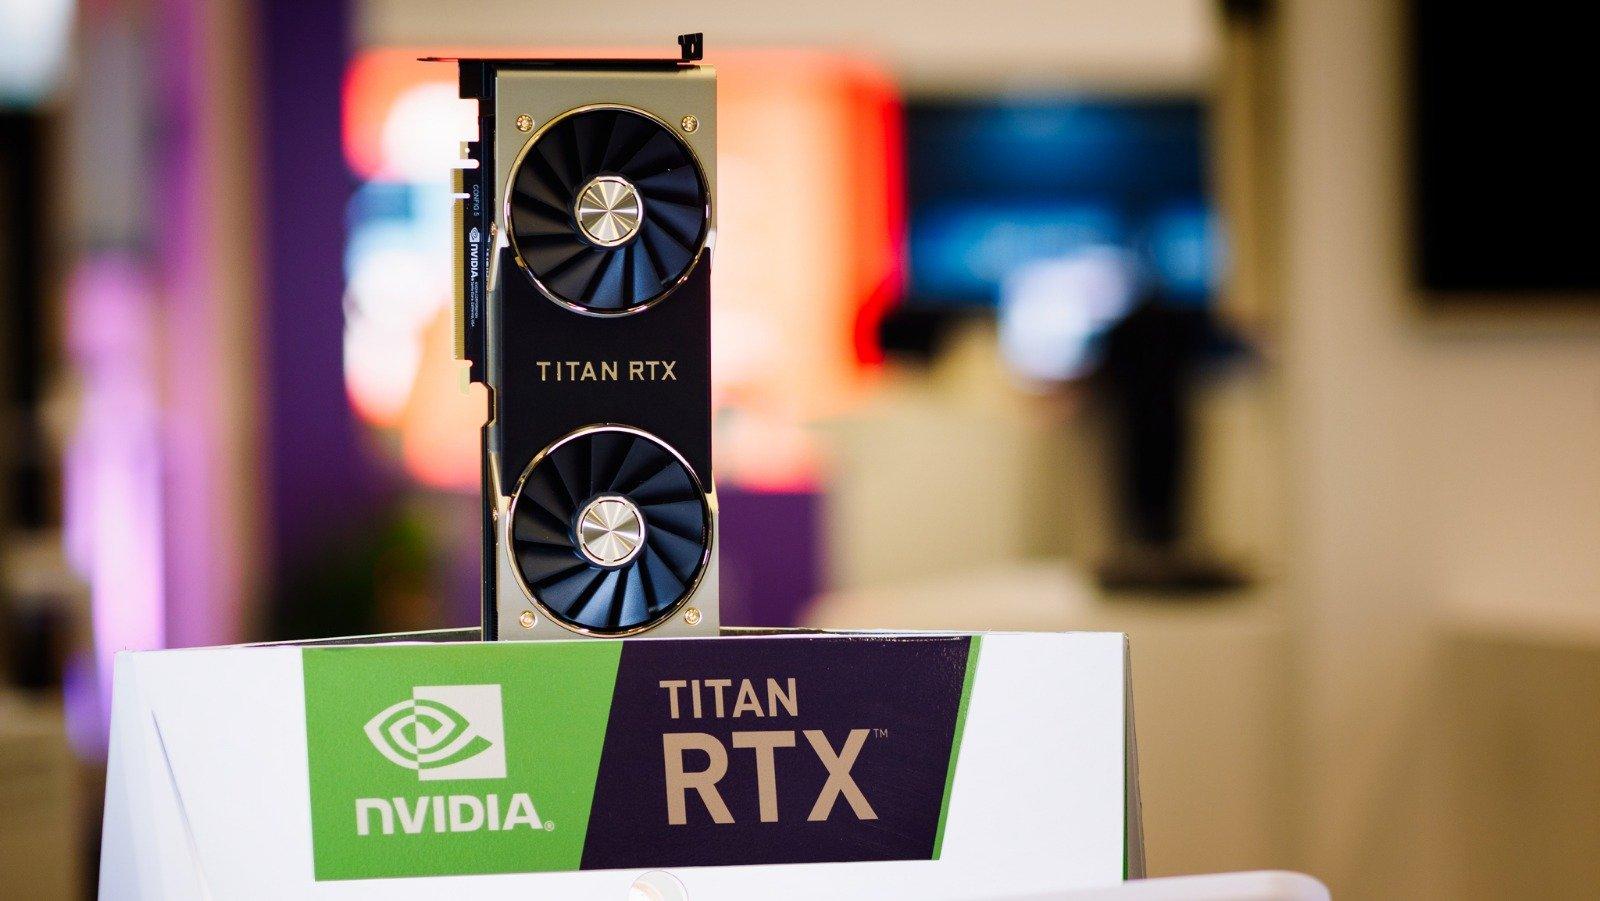 NVIDIA เปิดตัว Titan RTX การ์ดจอแรงที่สุดในโลก แรม 24GB ราคา